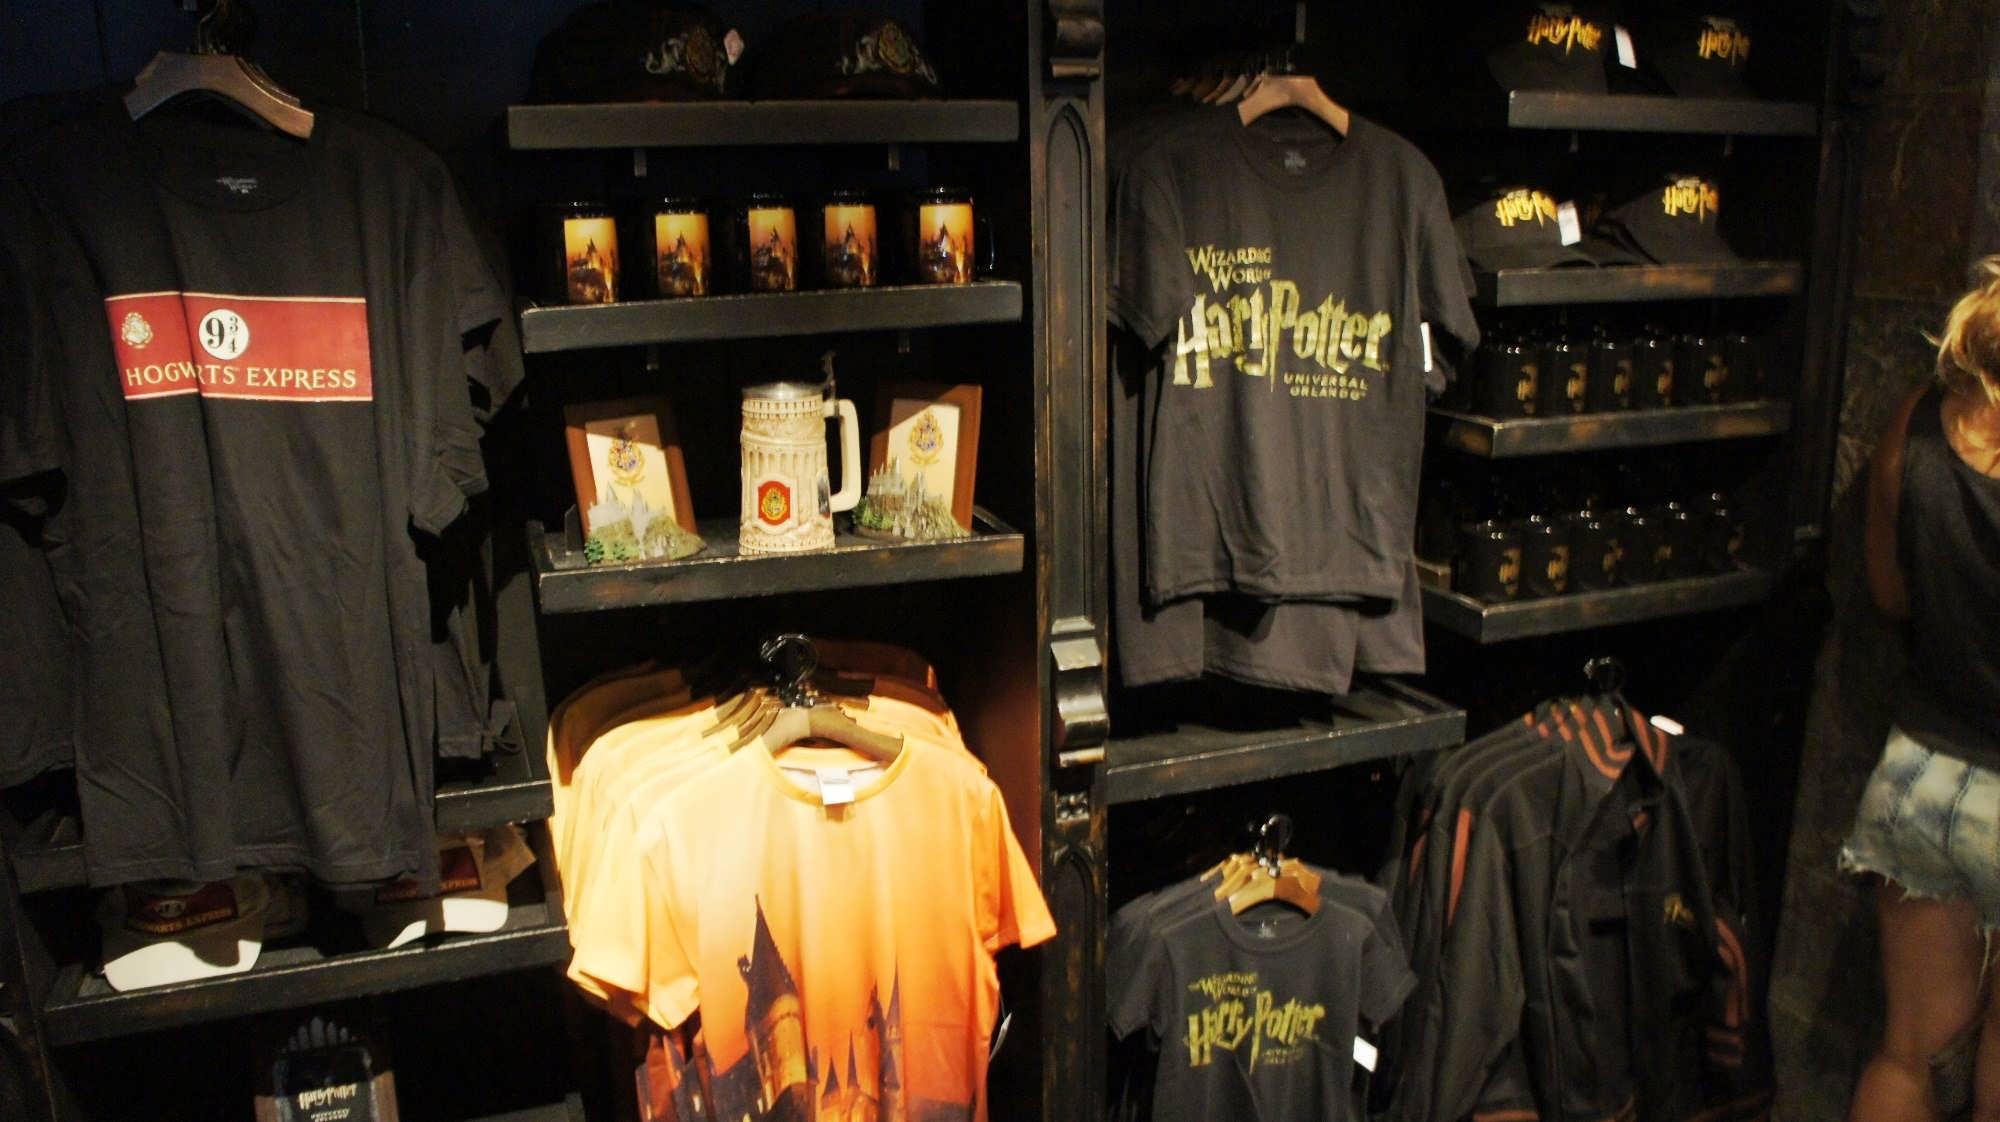 Filch's Emporium inside The Wizarding World of Harry Potter - Hogsmeade.